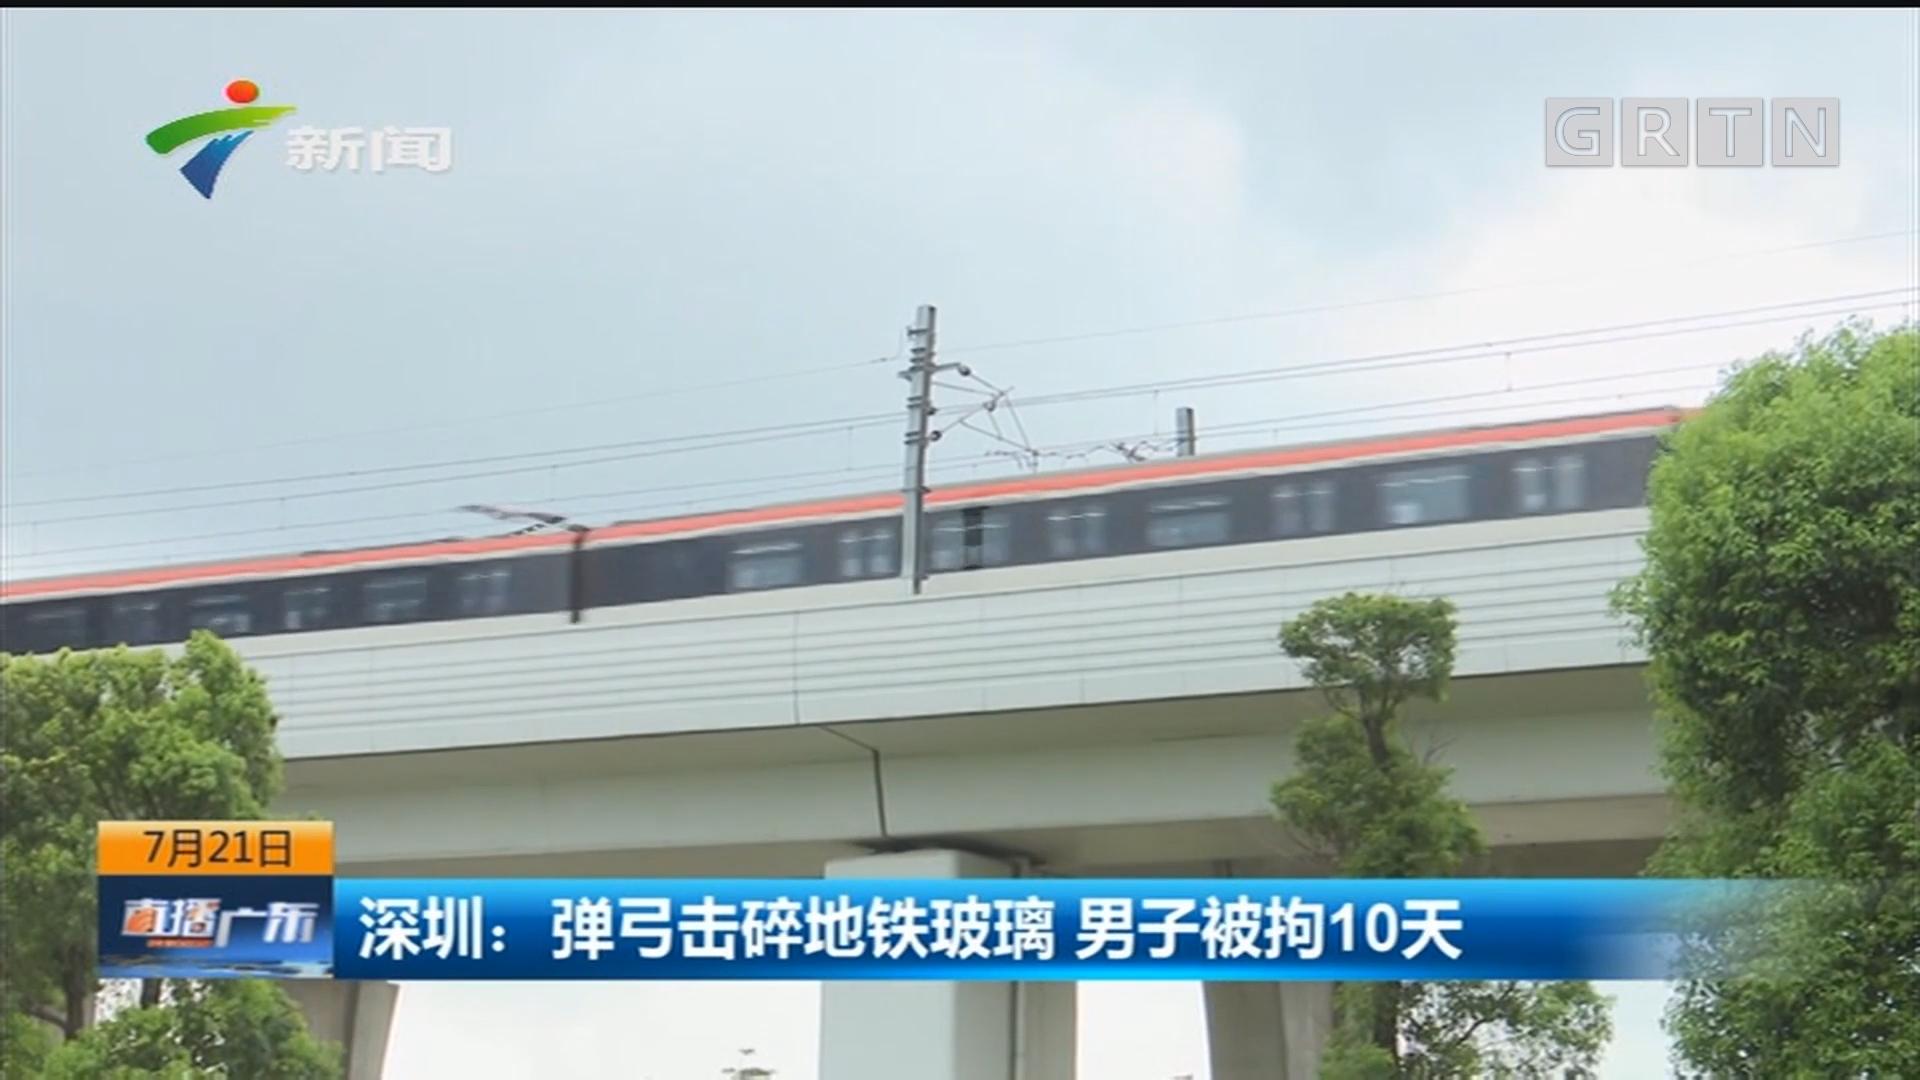 深圳:弹弓击碎地铁玻璃 男子被拘10天